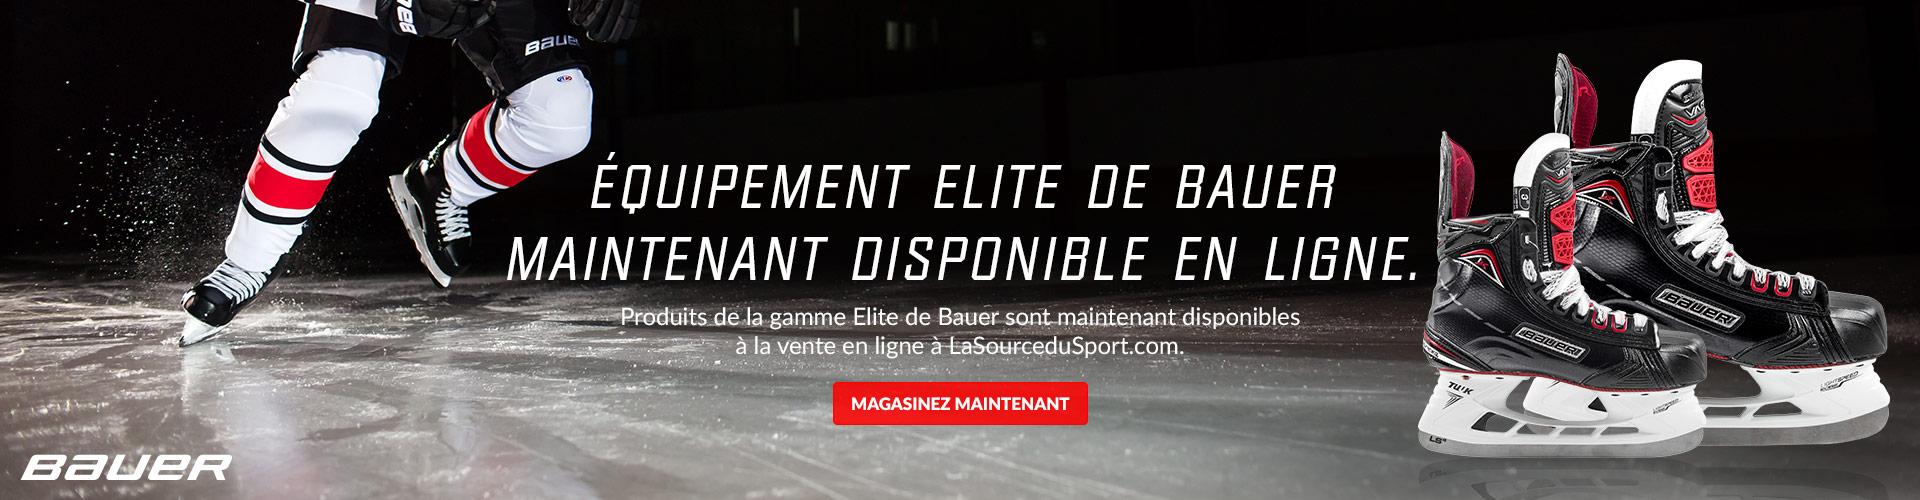 Produits de la gamme Elite de Bauer sont maintenant disponibles à la vente en ligne à LaSourceduSport.com.